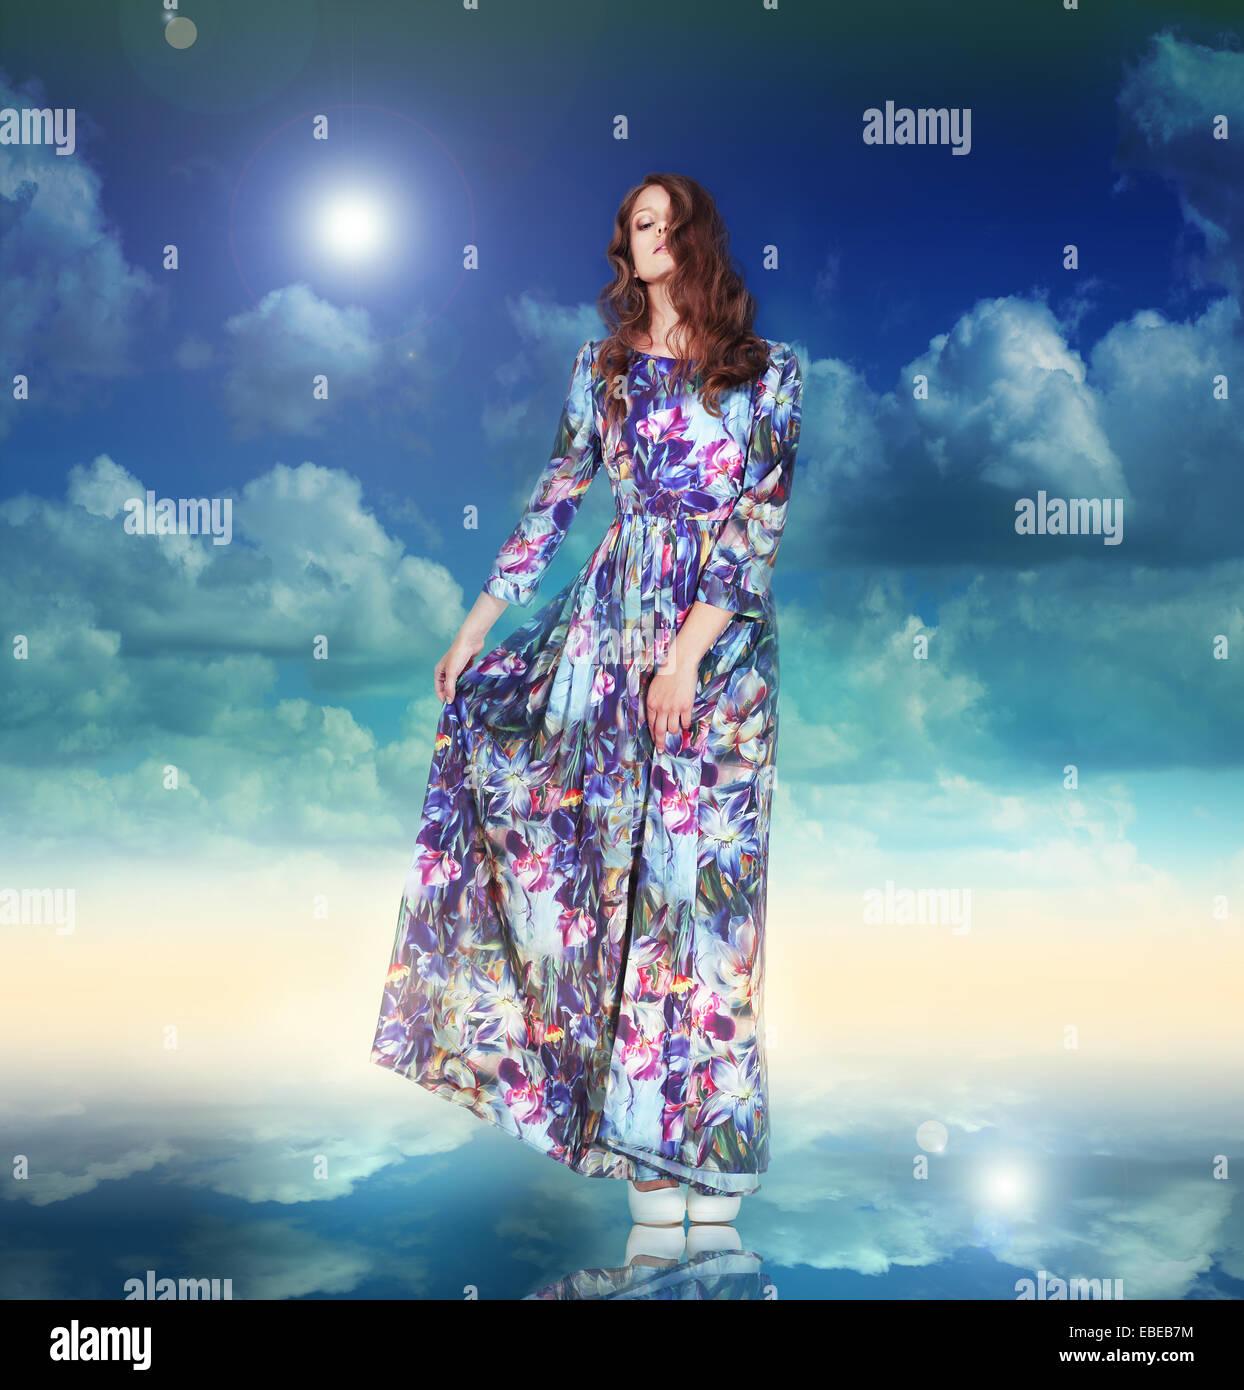 L'imagination. Femme en robe légère se situe entre les nuages Photo Stock